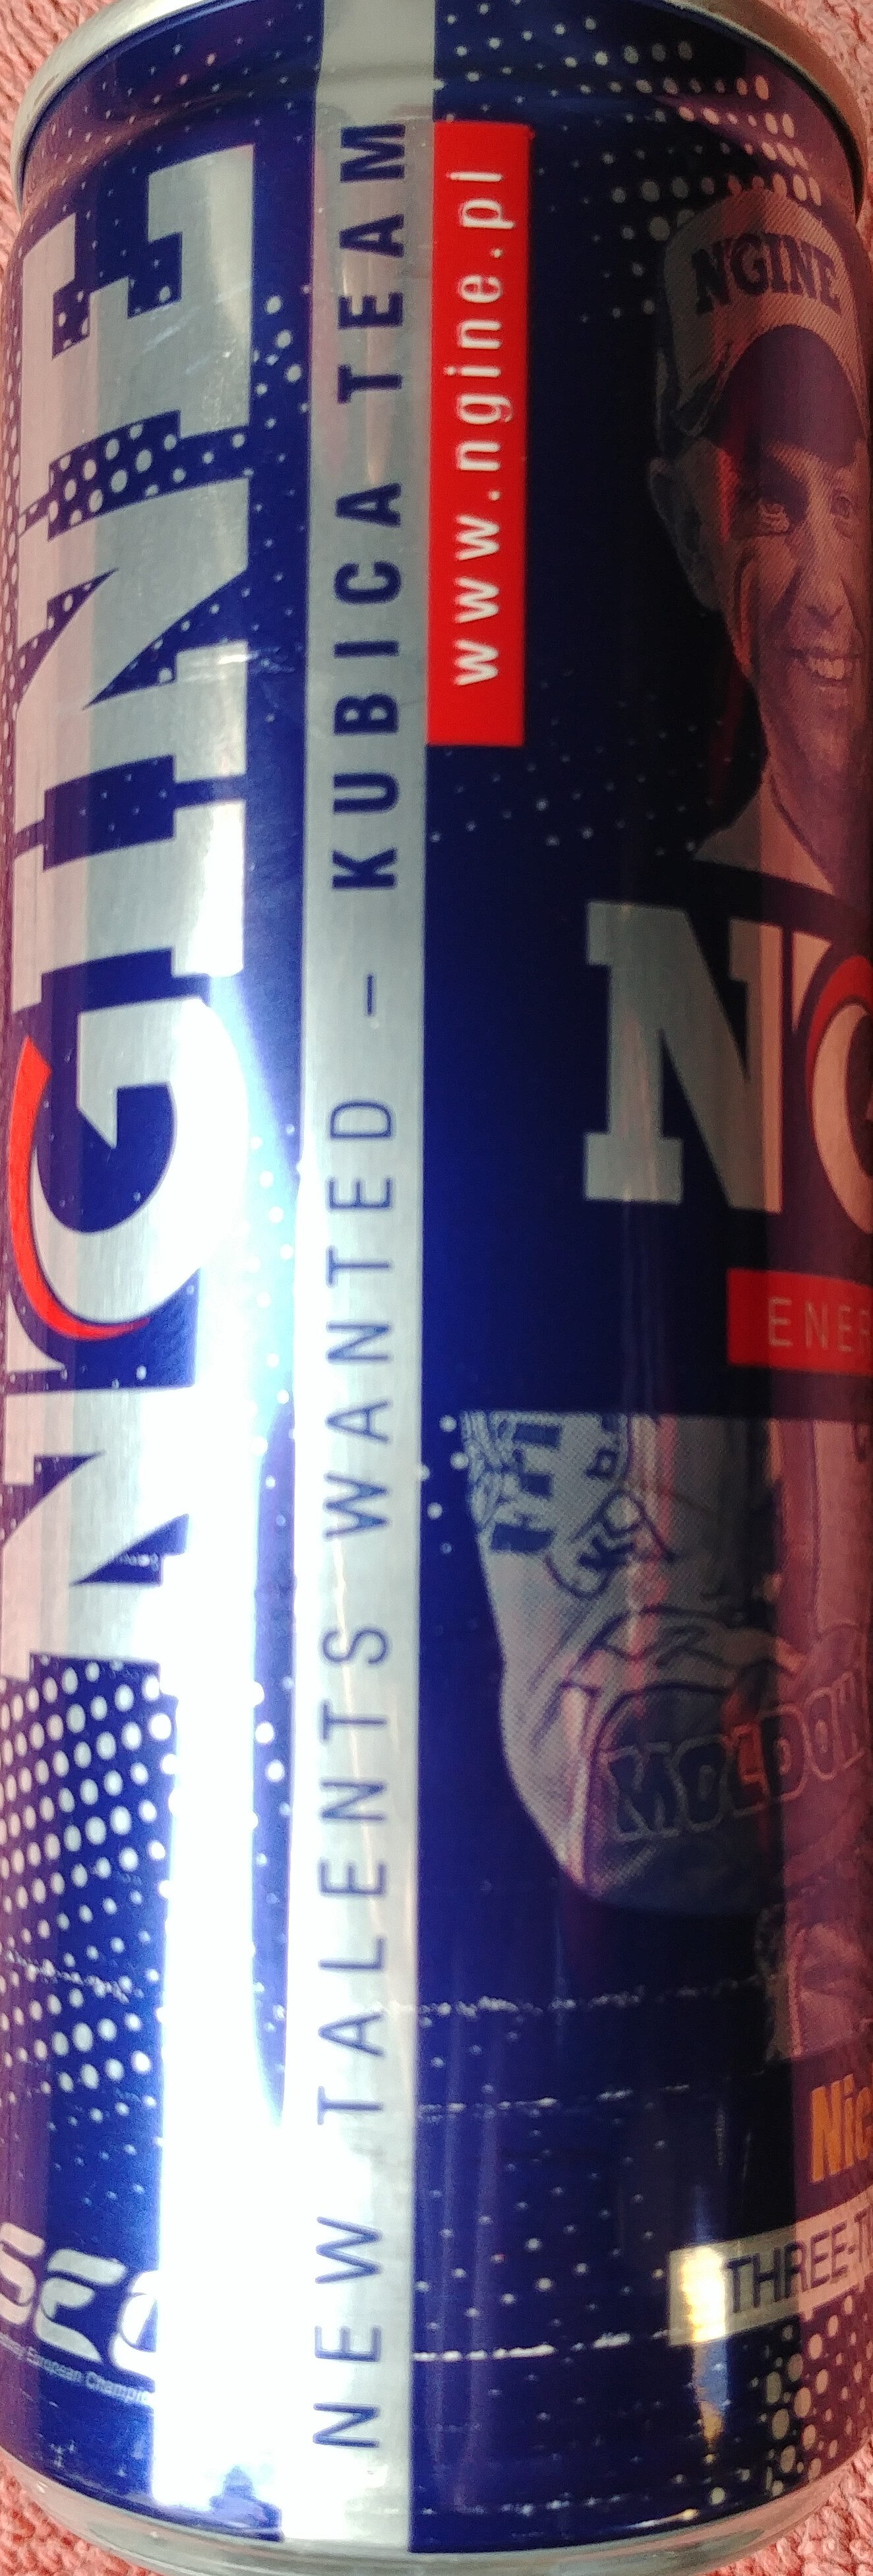 Gazowany napój energetyzujący z dodatkiem witamin - Product - pl